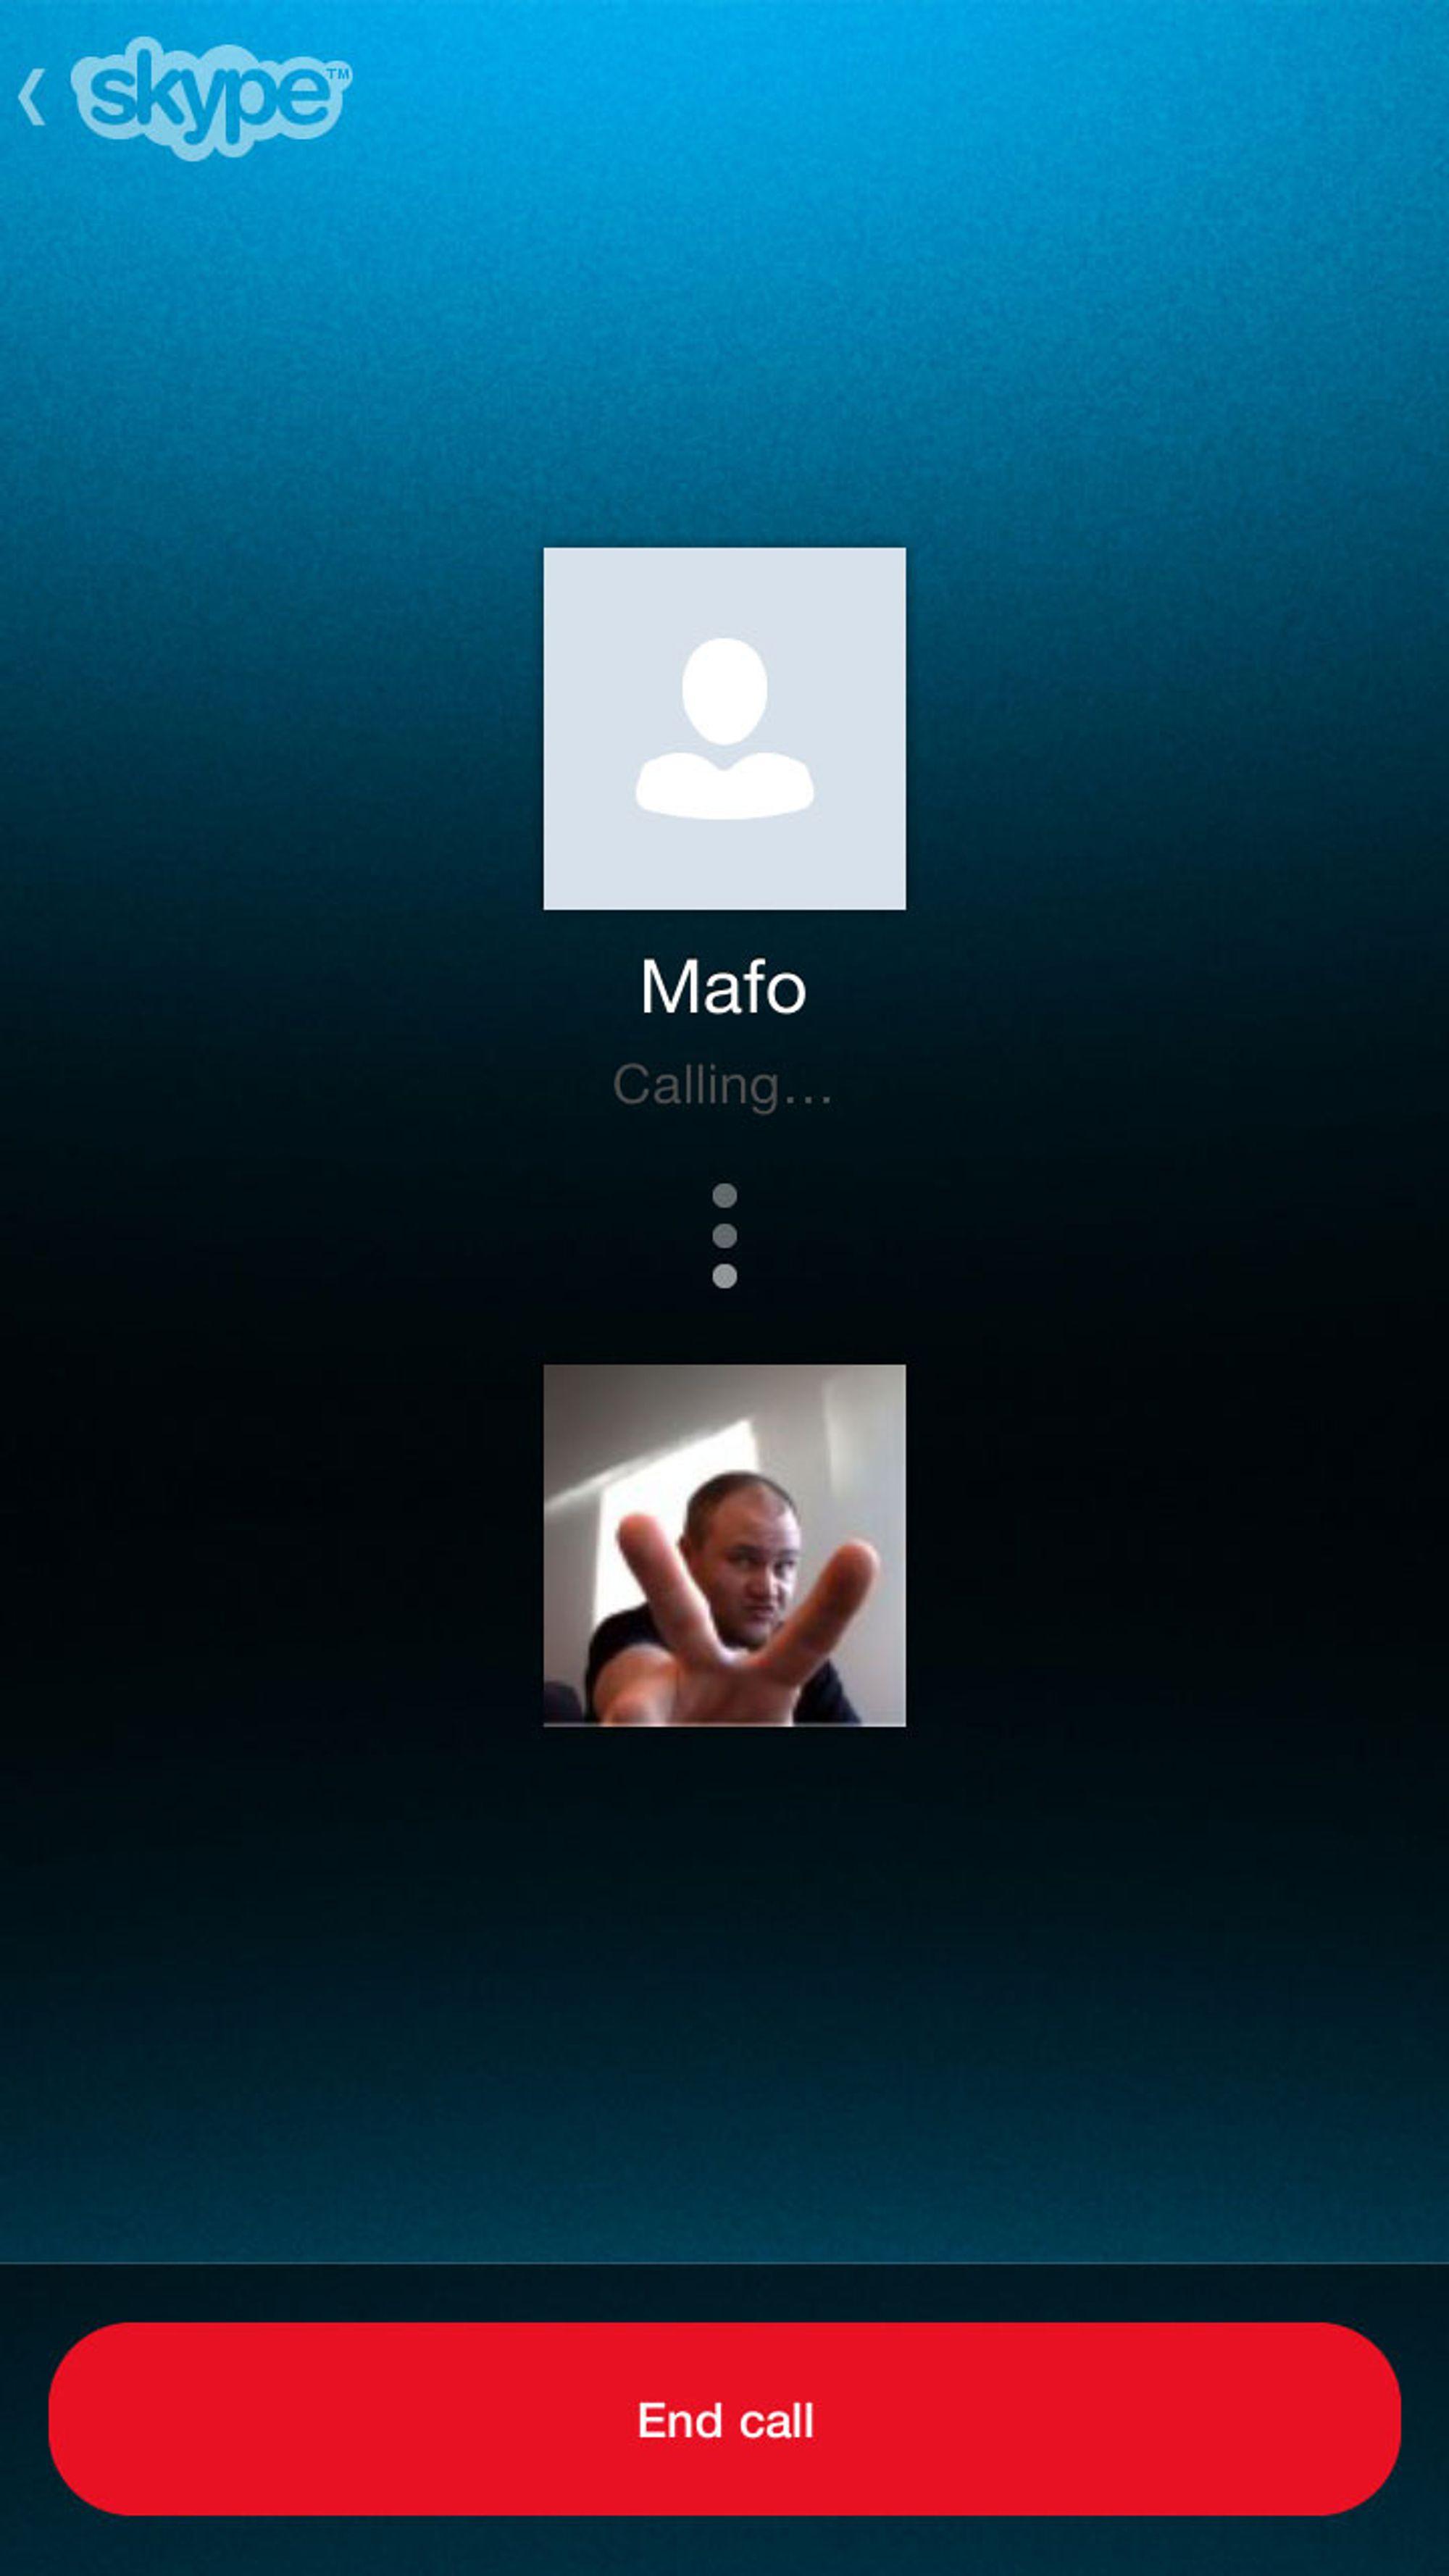 hvor gjøre jeg feste opp Skype Selena Gomez og Justin Bieber dating 2014